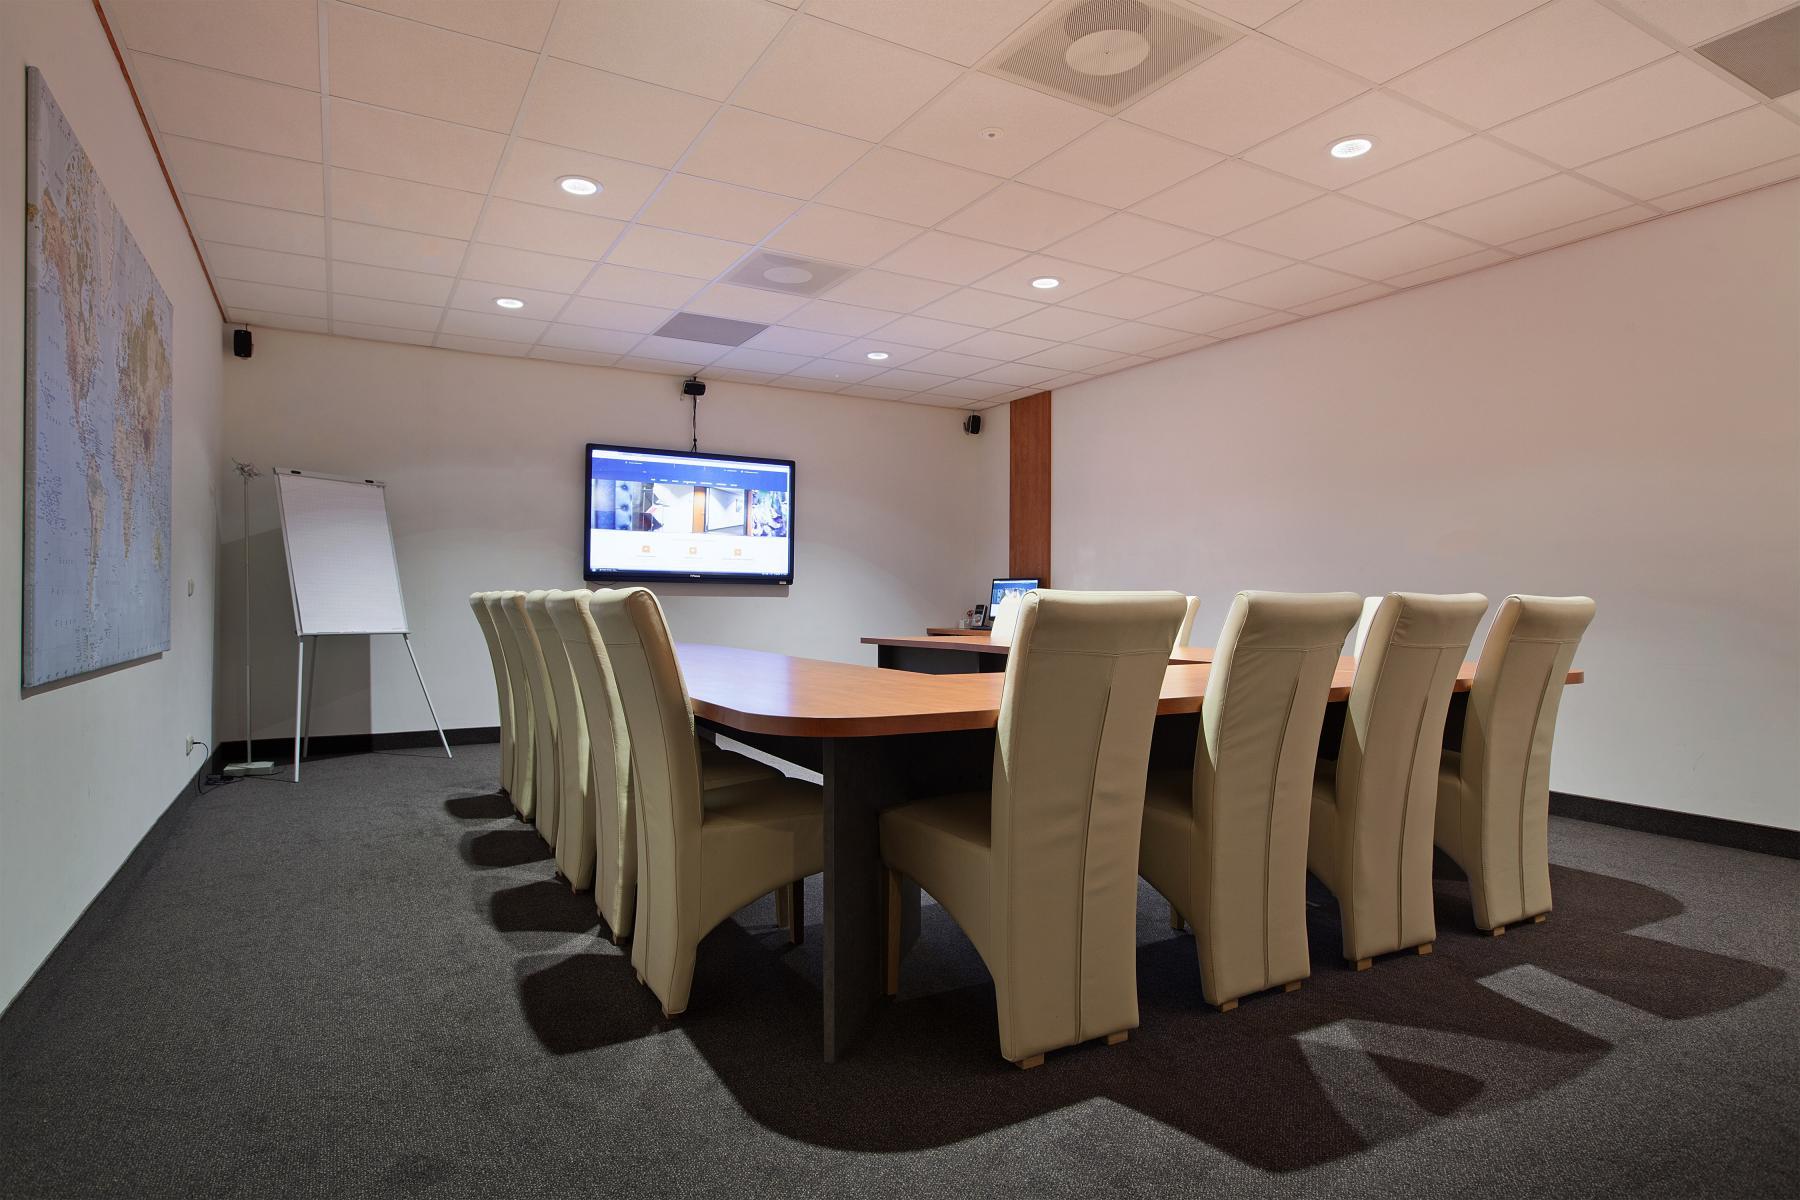 flexplek huren aan twentepoort oost in almelo met vergaderruimte